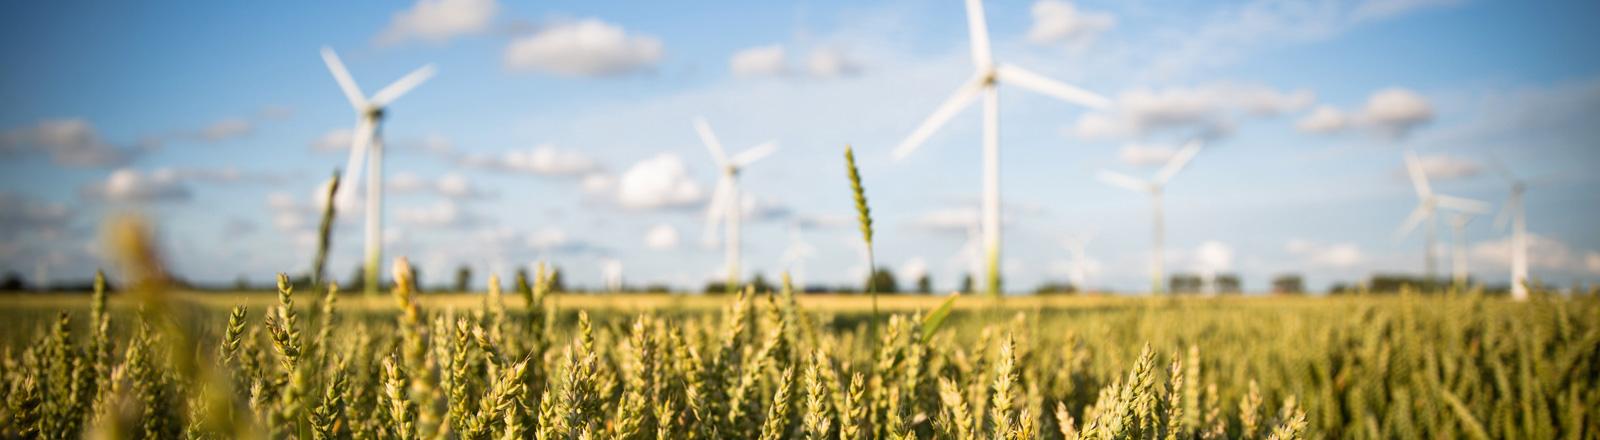 Windkrafträder mit Weizenfeld im Vordergrund; Bild: dpa